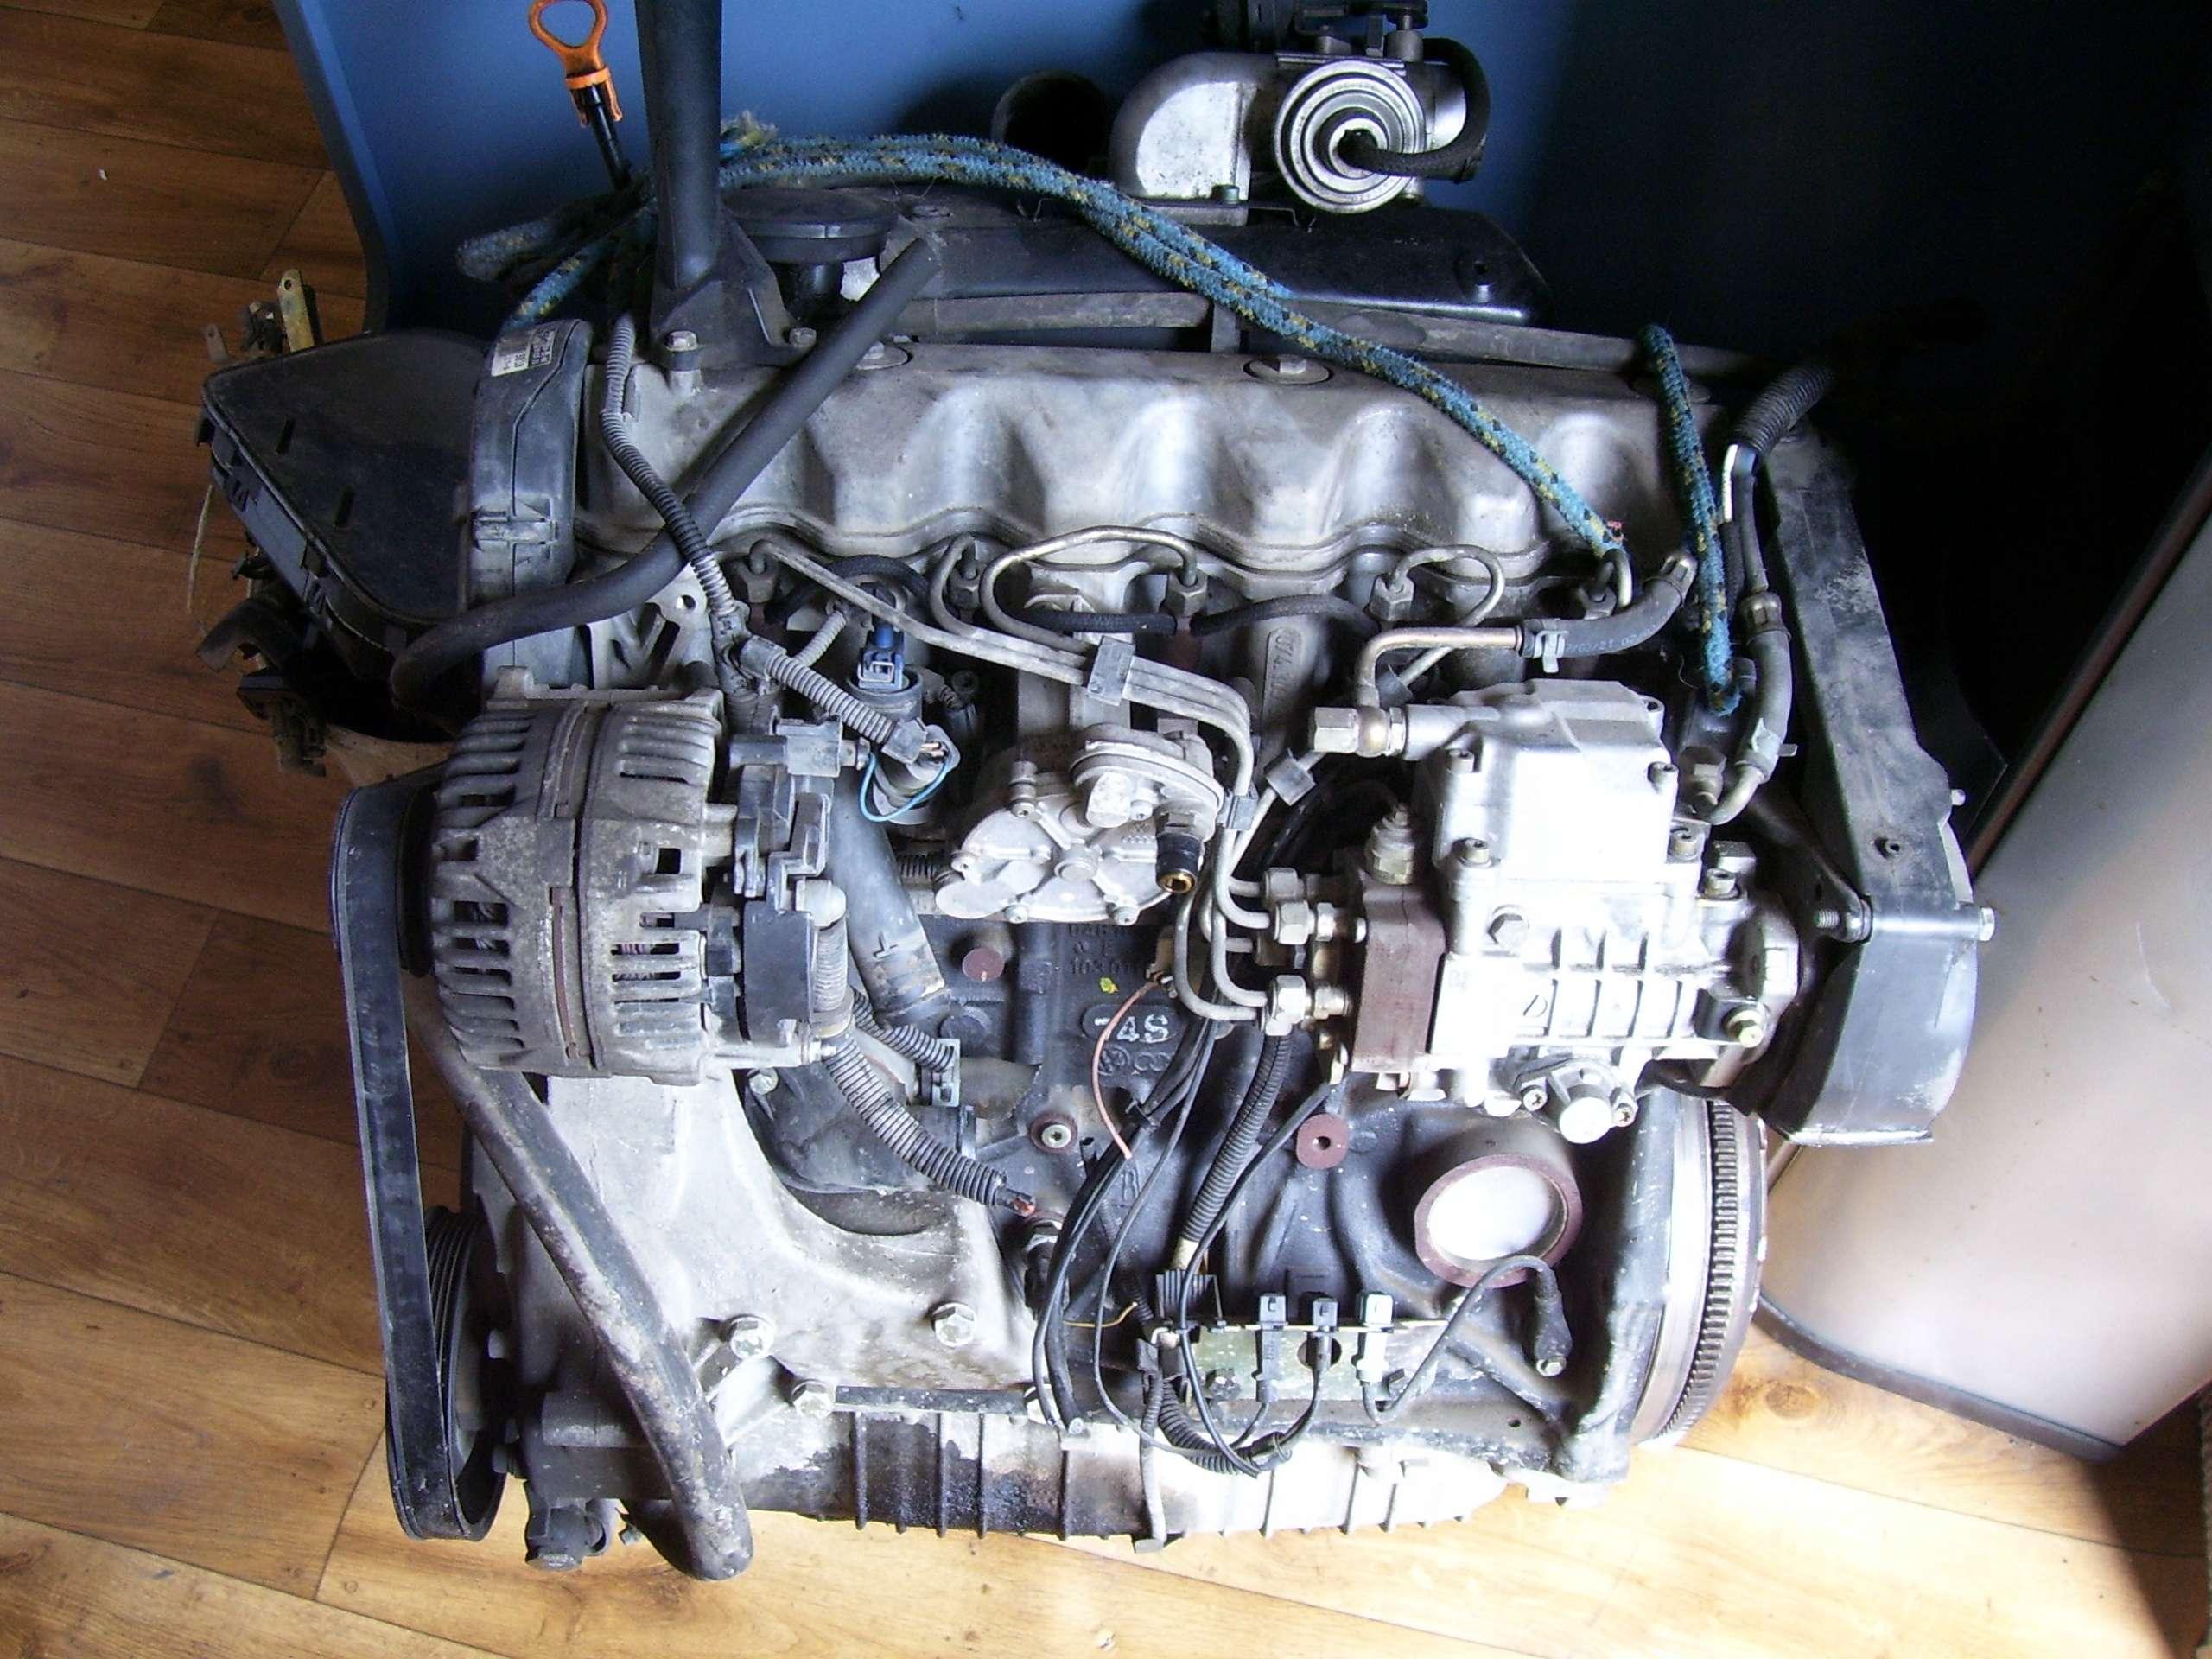 Транспортер двигатель ajt что такое питающий конвейер